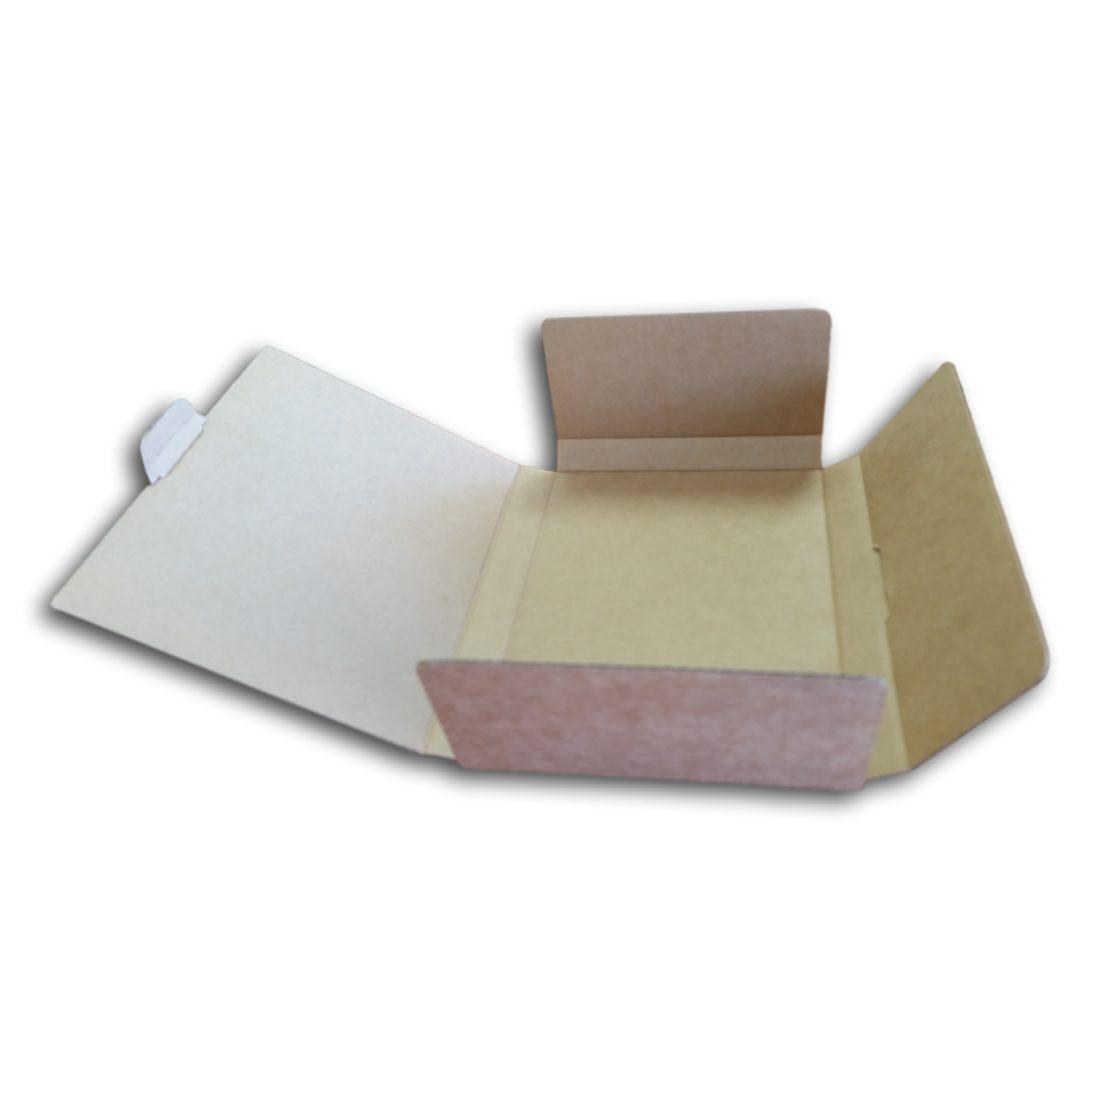 Die Cut Box Packaging